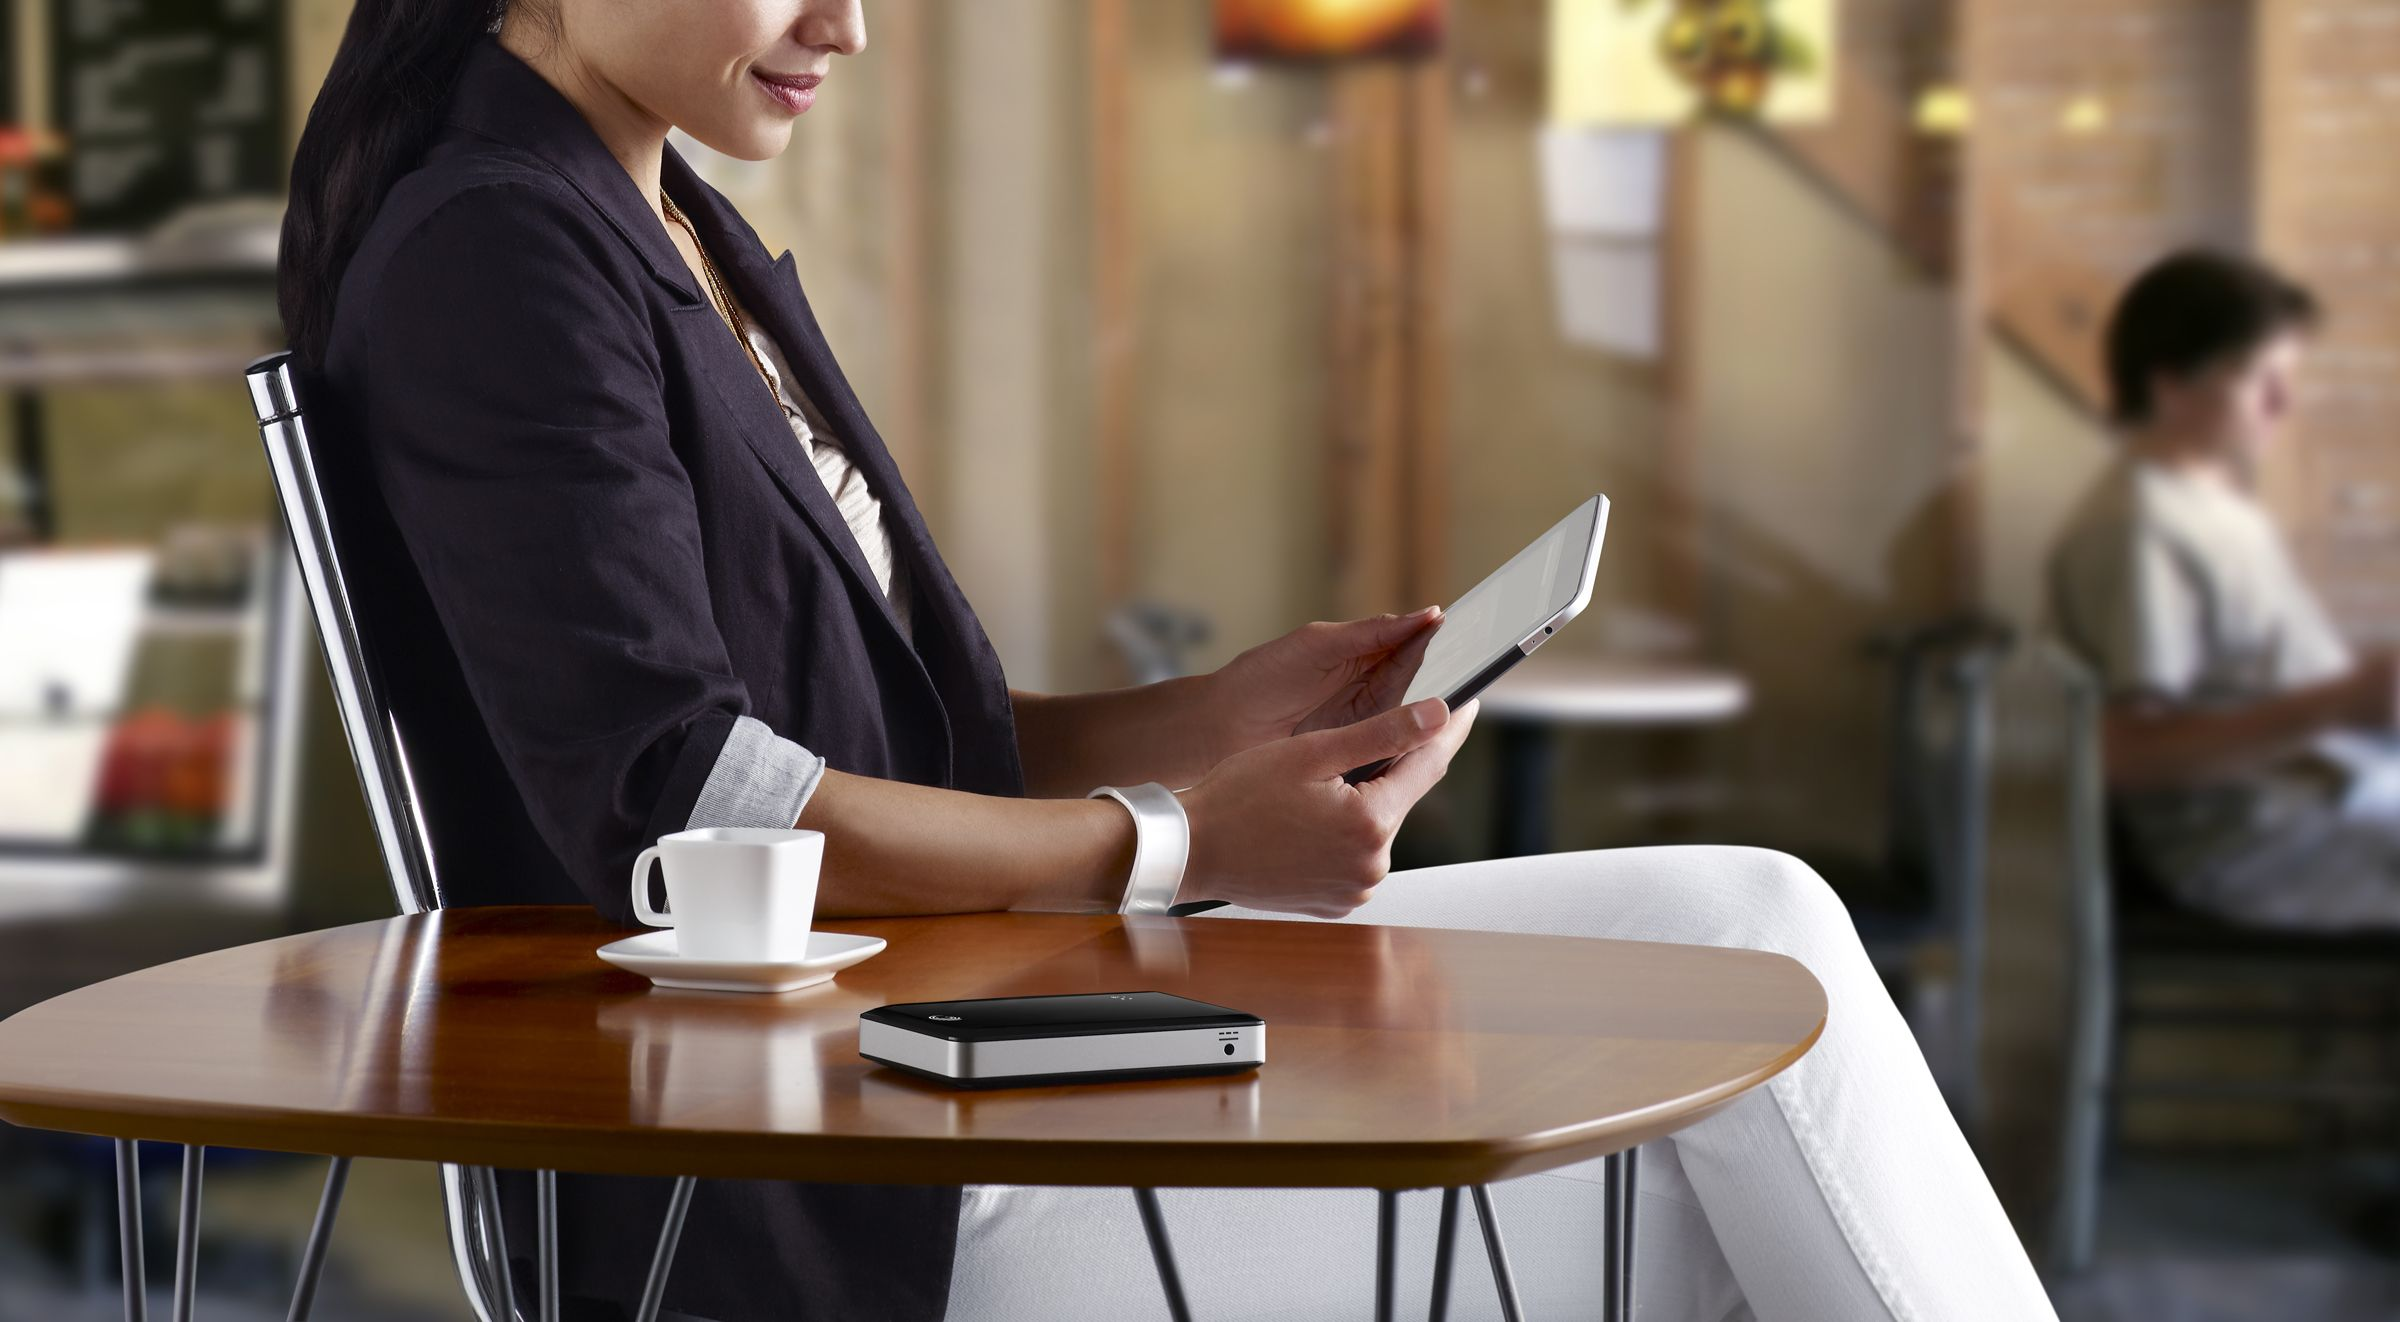 Speicherlösung: Fetter Speicher für iPad, iPhone und Co.